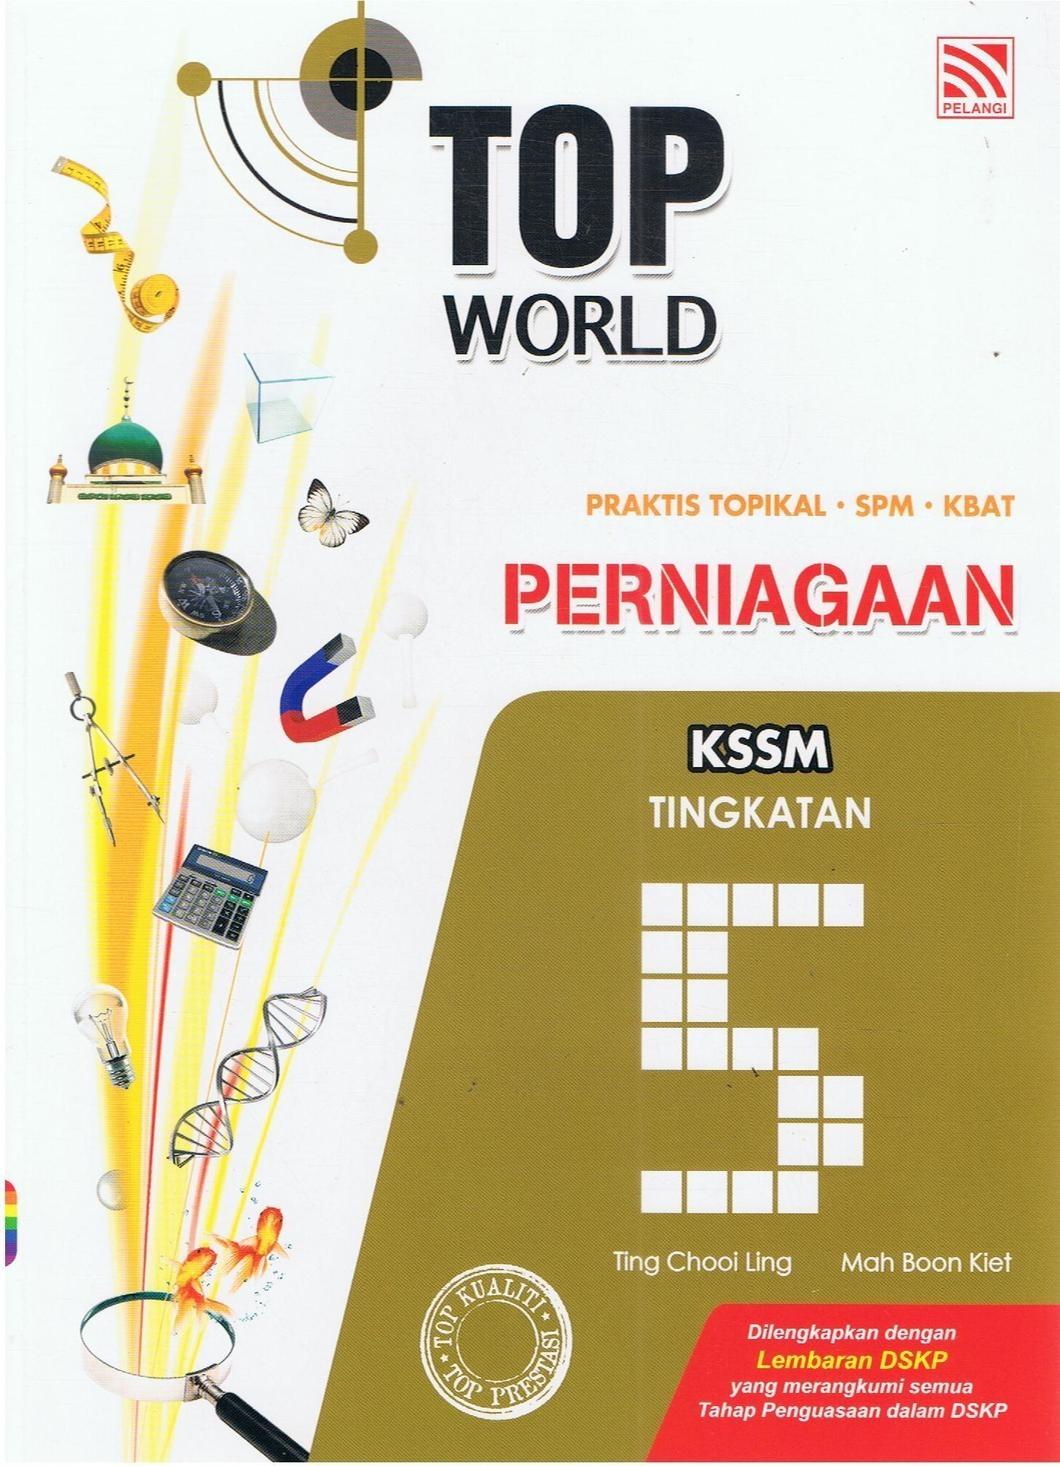 Download Dskp Kesusasteraan Melayu Tingkatan 5 Meletup top World Perniagaan Tingkatan 5 Bukudbp Com Of Download Segera Dskp Kesusasteraan Melayu Tingkatan 5 Yang Terbaik Khas Untuk Para Ibubapa Lihat!